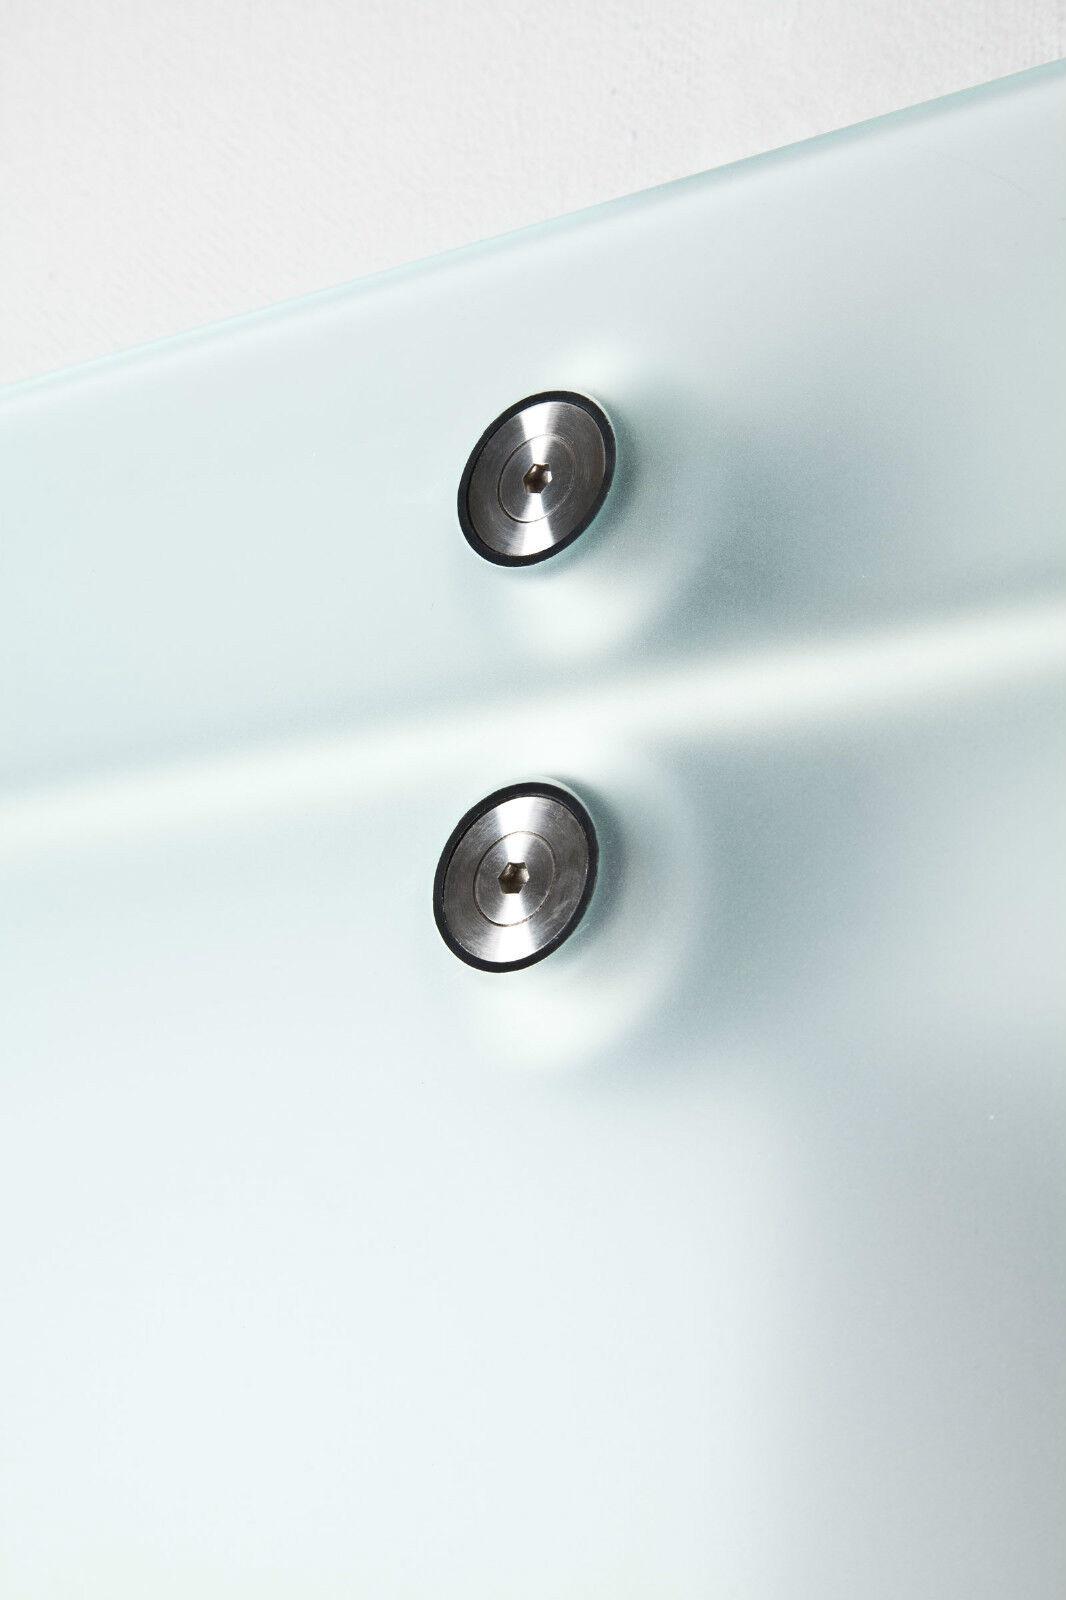 Glastürschiebesystem V2000 für Glastüren ohne Senkbohrung, Schienenlänge 2100 mm mm mm bb561f